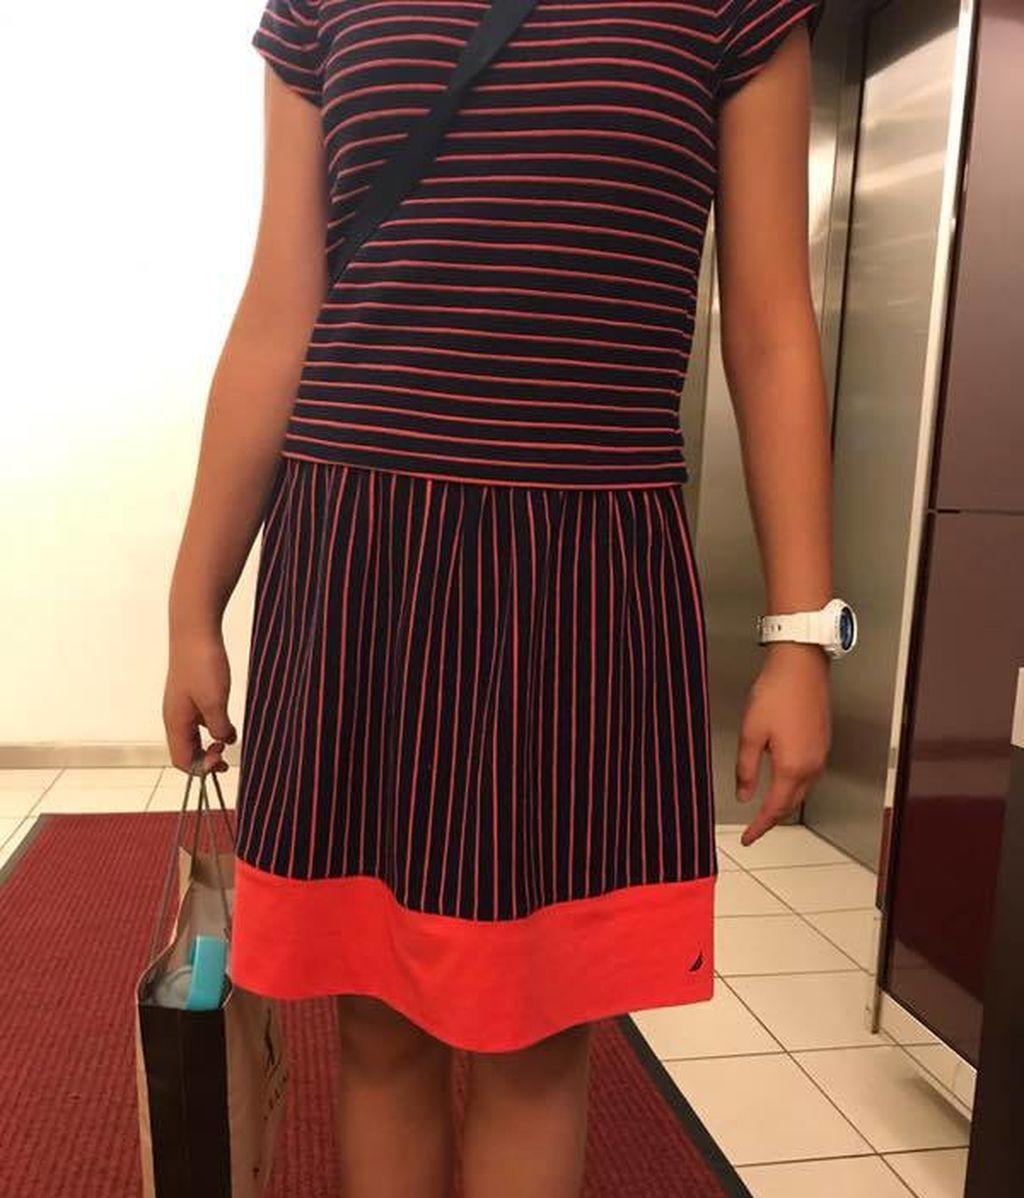 Con 12 años, expulsada de un torneo de ajedrez por llevar un vestido 'seductor'